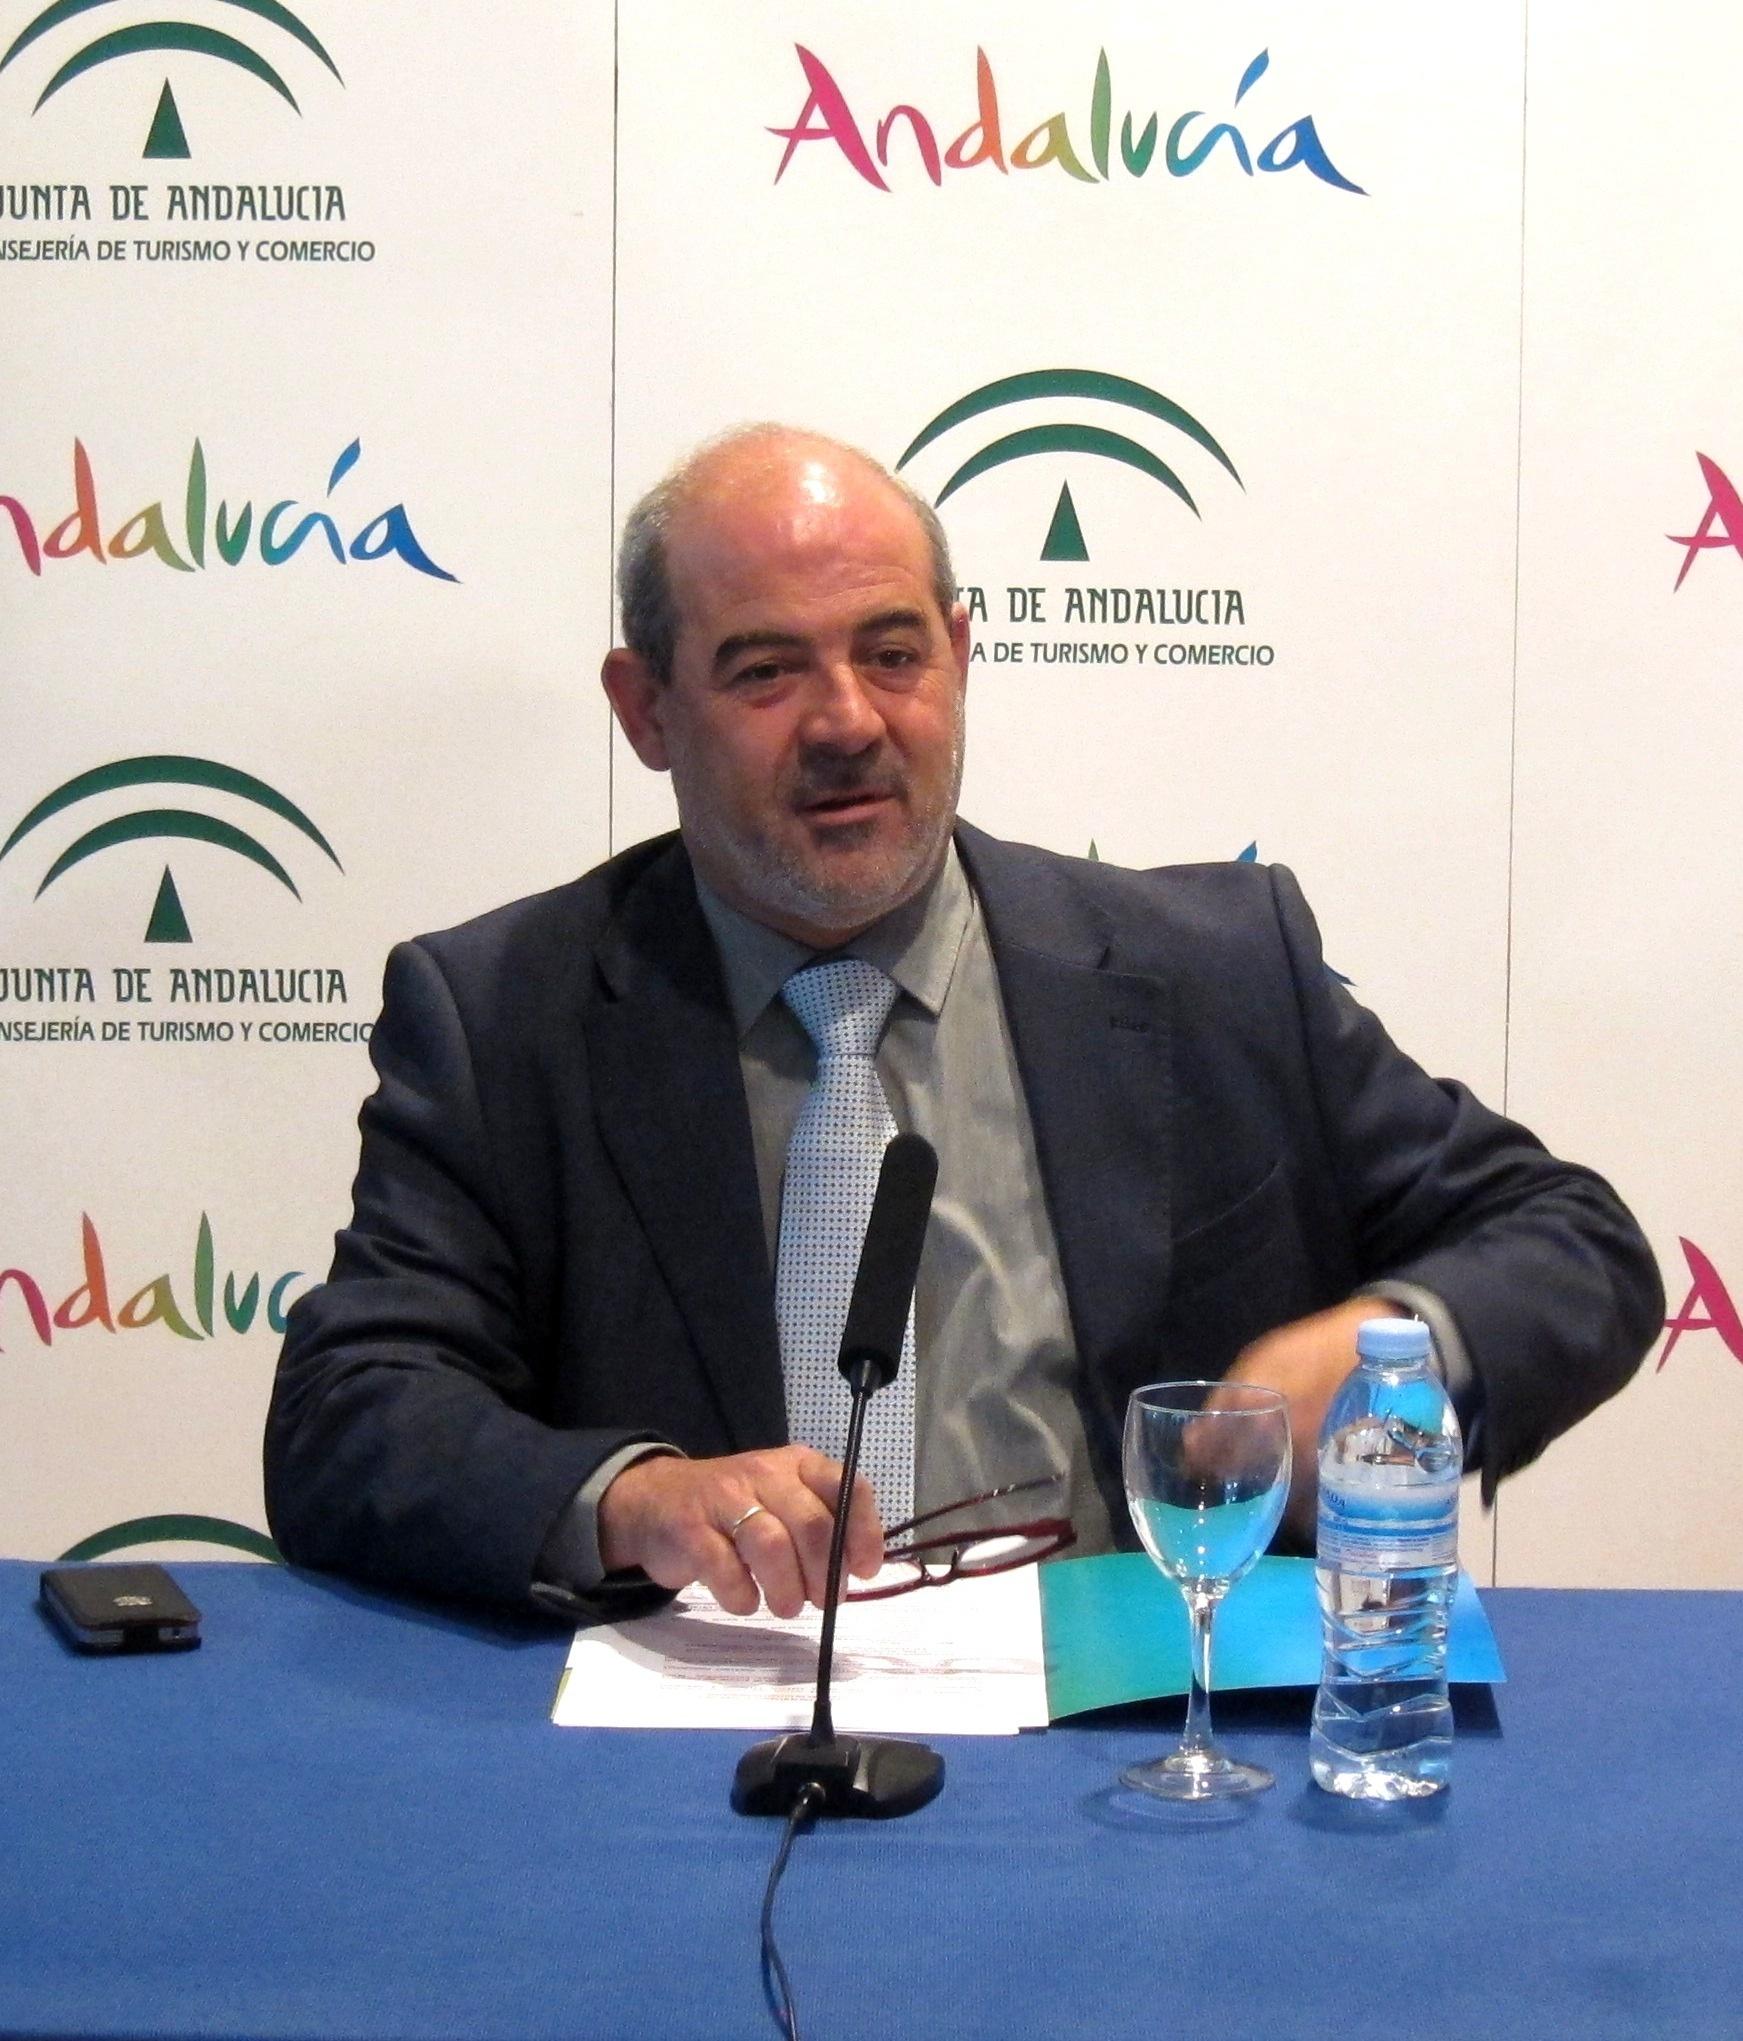 Andalucía aumenta su promoción en Reino Unido y Alemania para ganar cuota en los mercados extranjeros